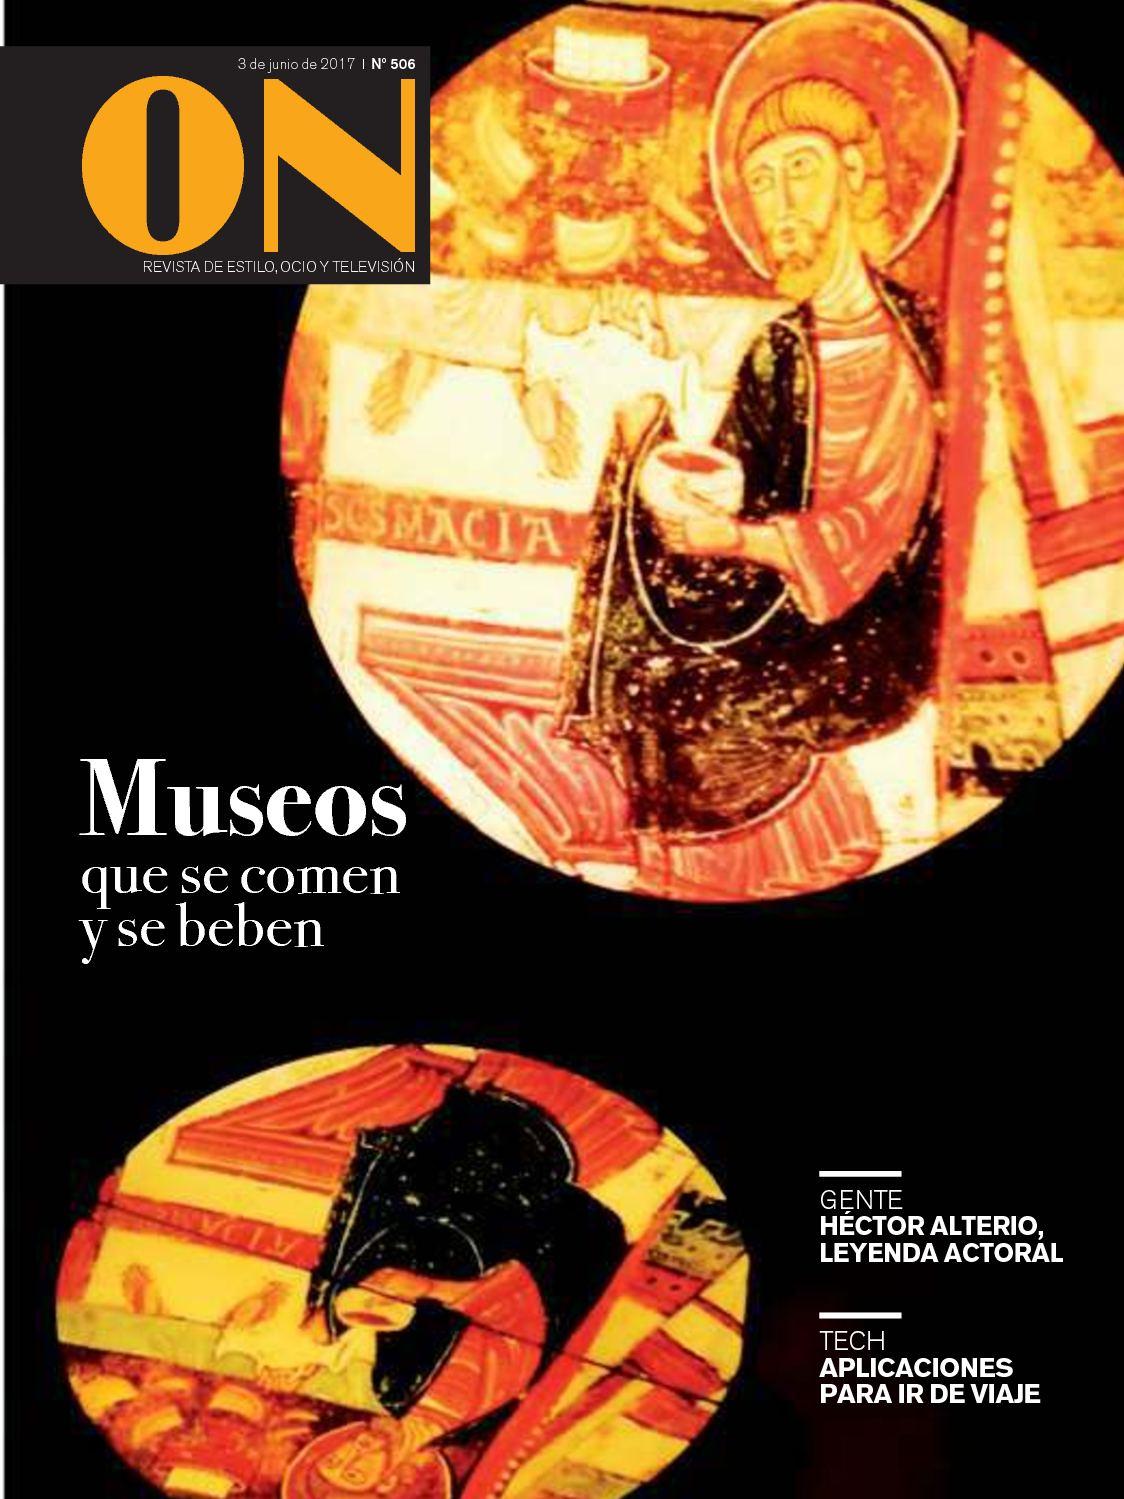 ON Revista de Ocio y Estilo 20170603